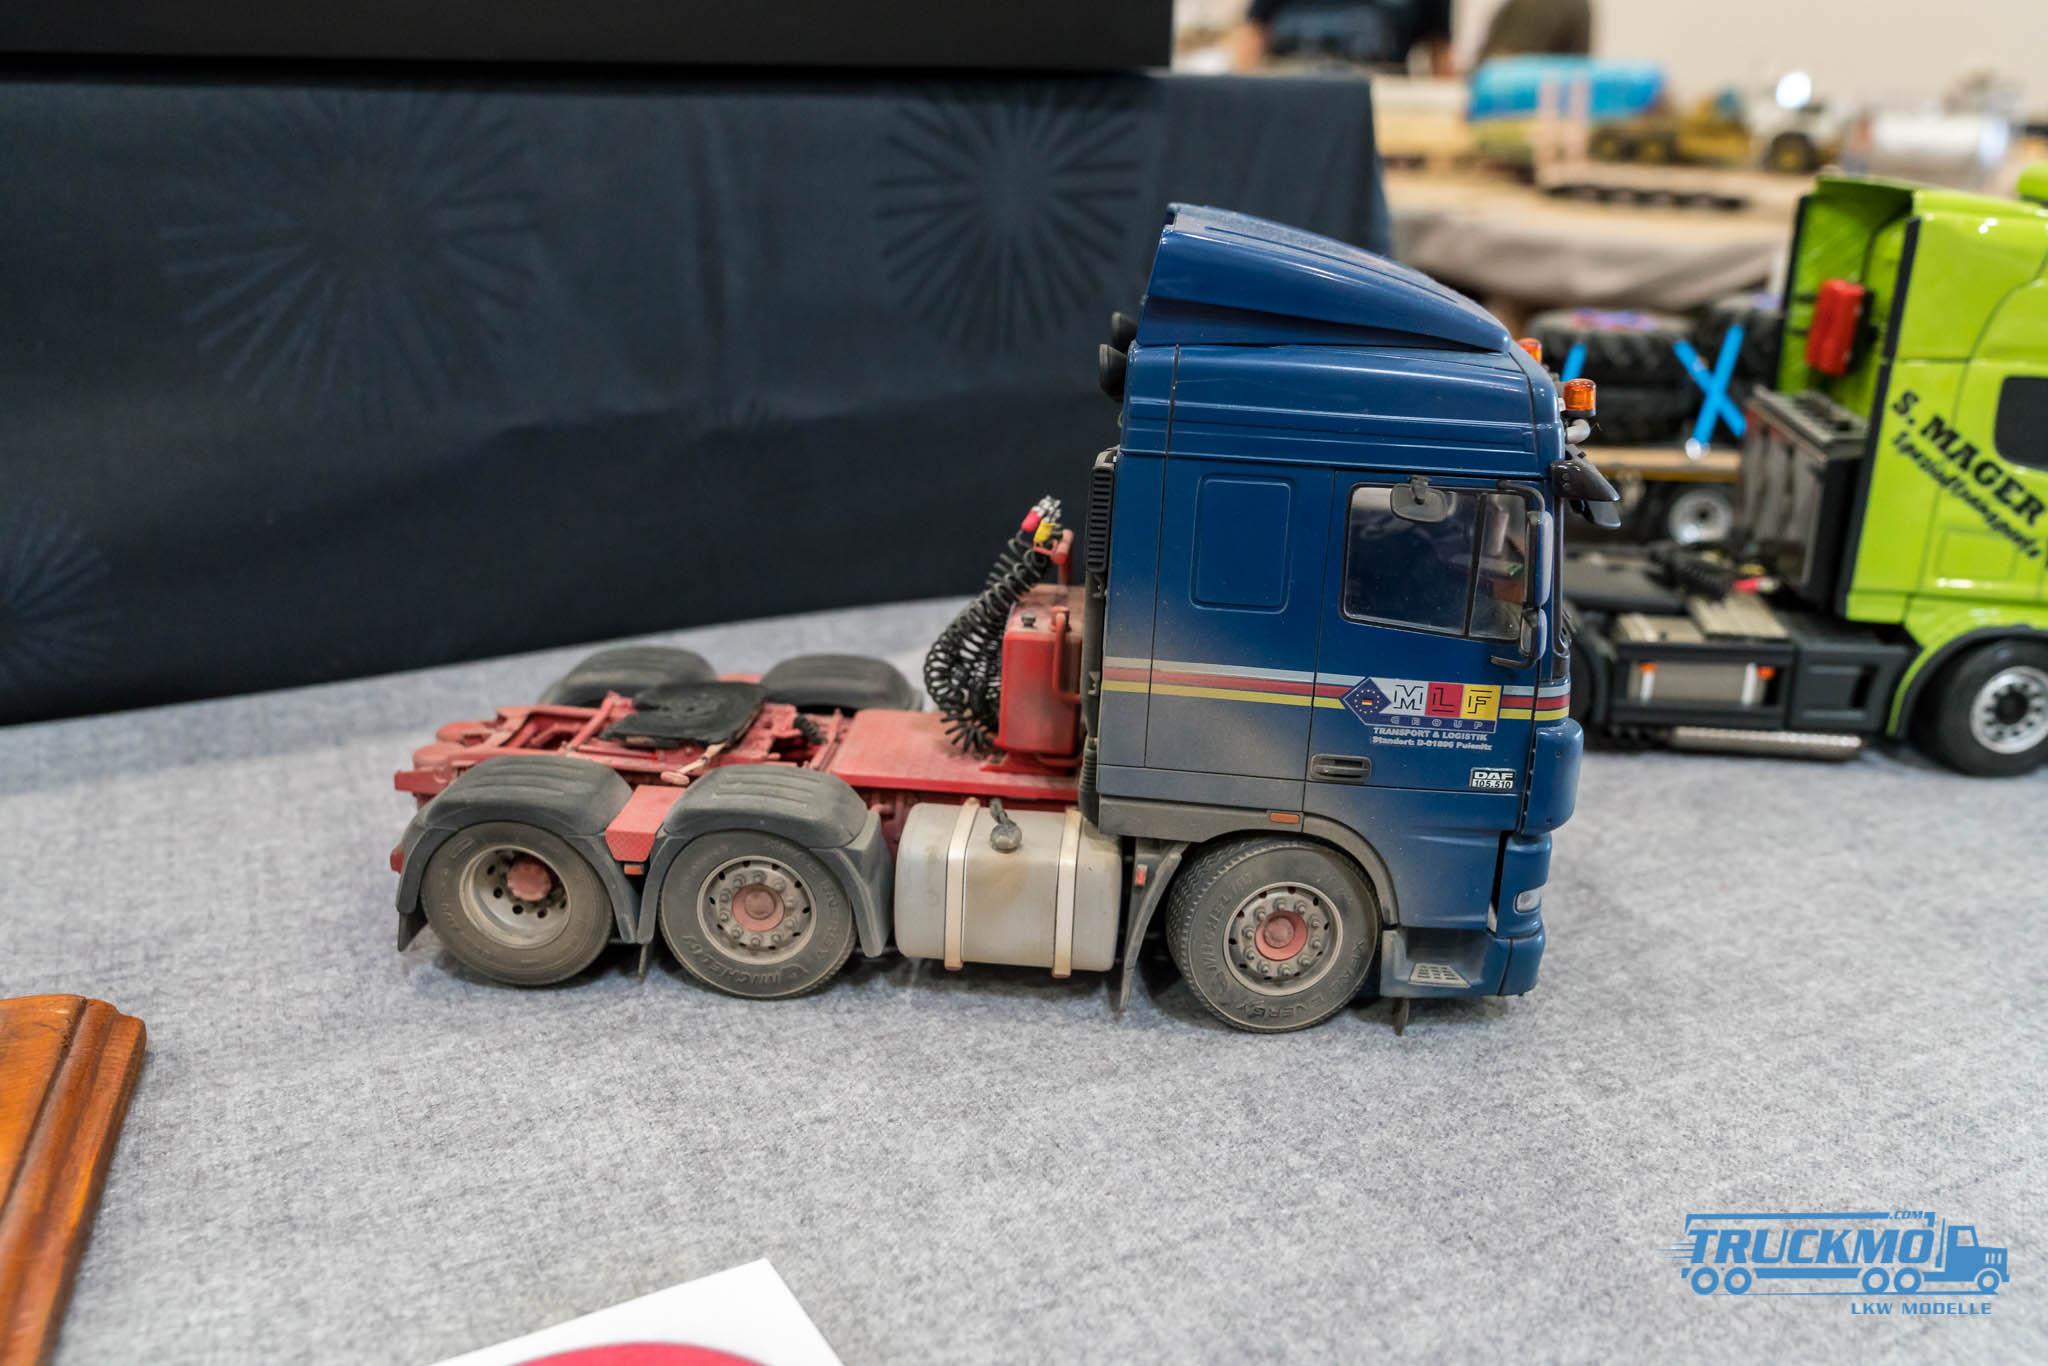 Truckmo_Modellbau_Ried_2017_Herpa_Messe_Modellbauausstellung (391 von 1177)